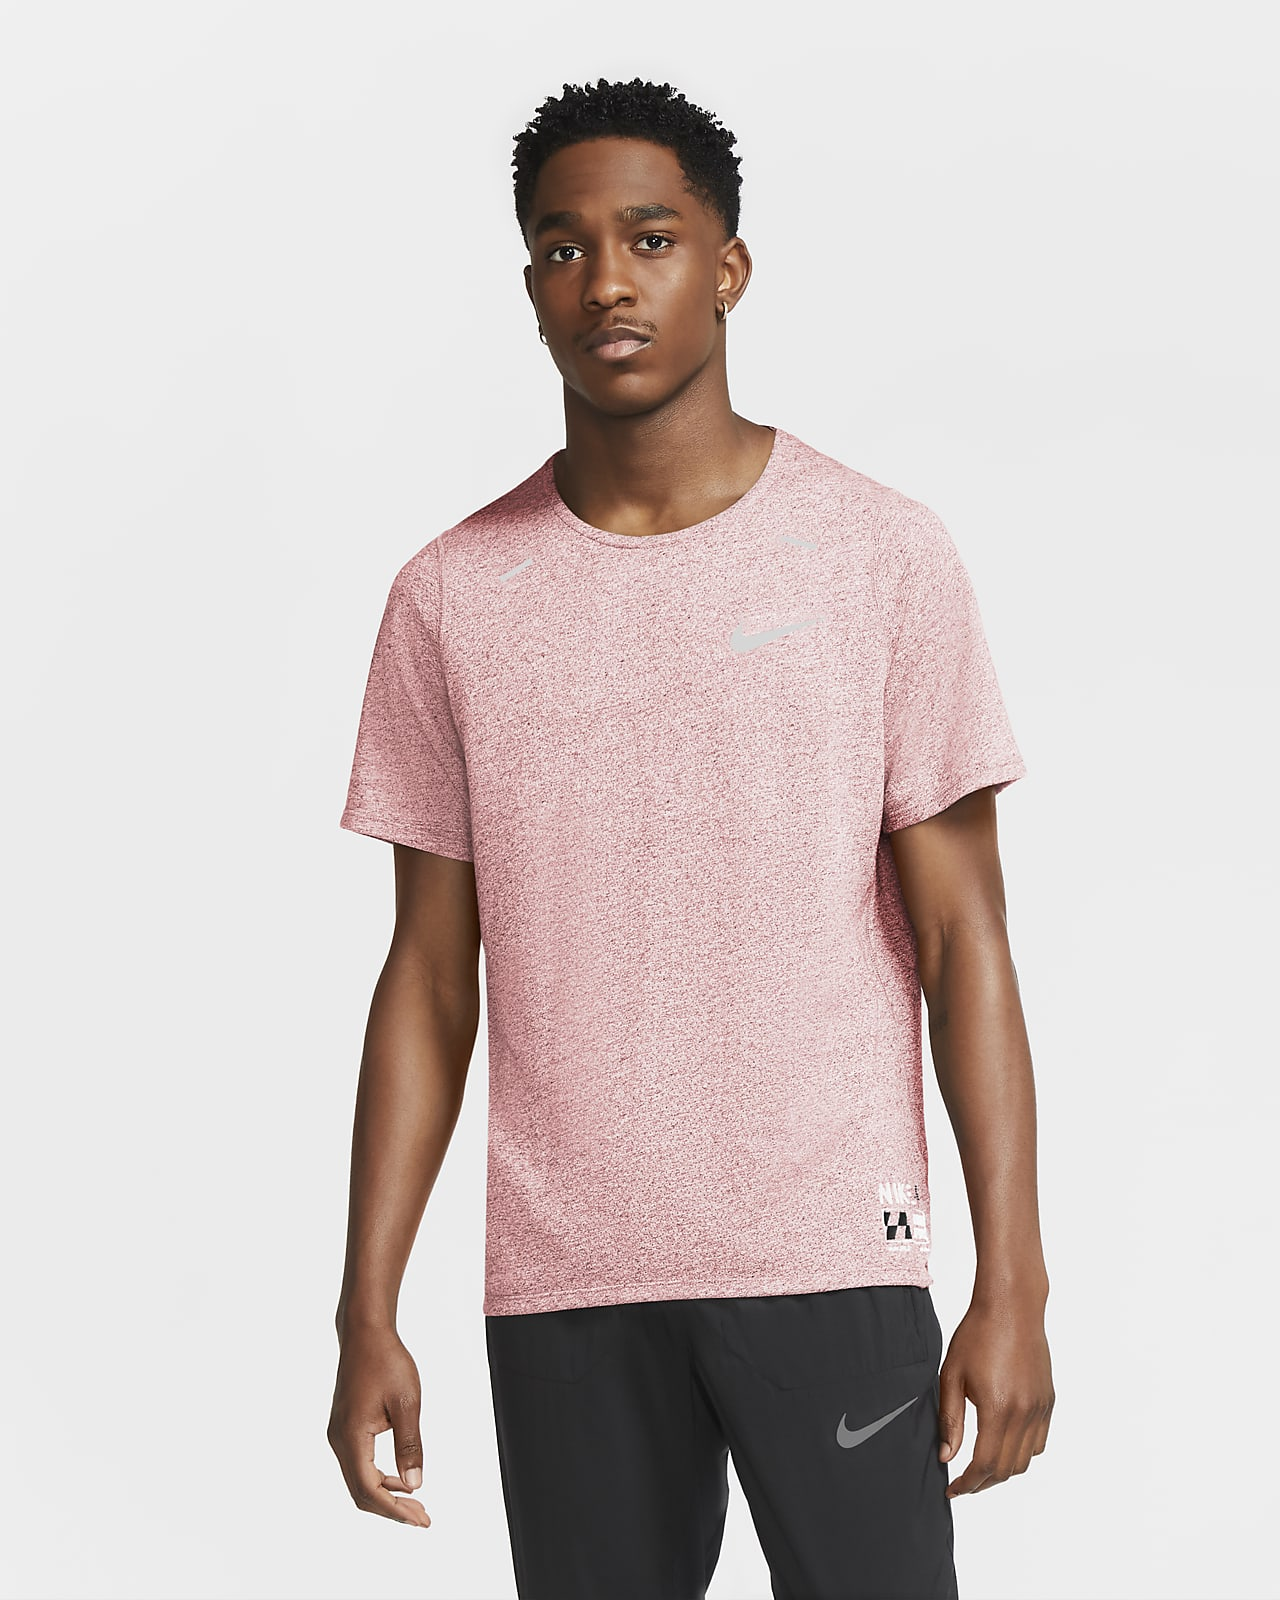 Ανδρική μπλούζα για τρέξιμο Nike Rise 365 Future Fast